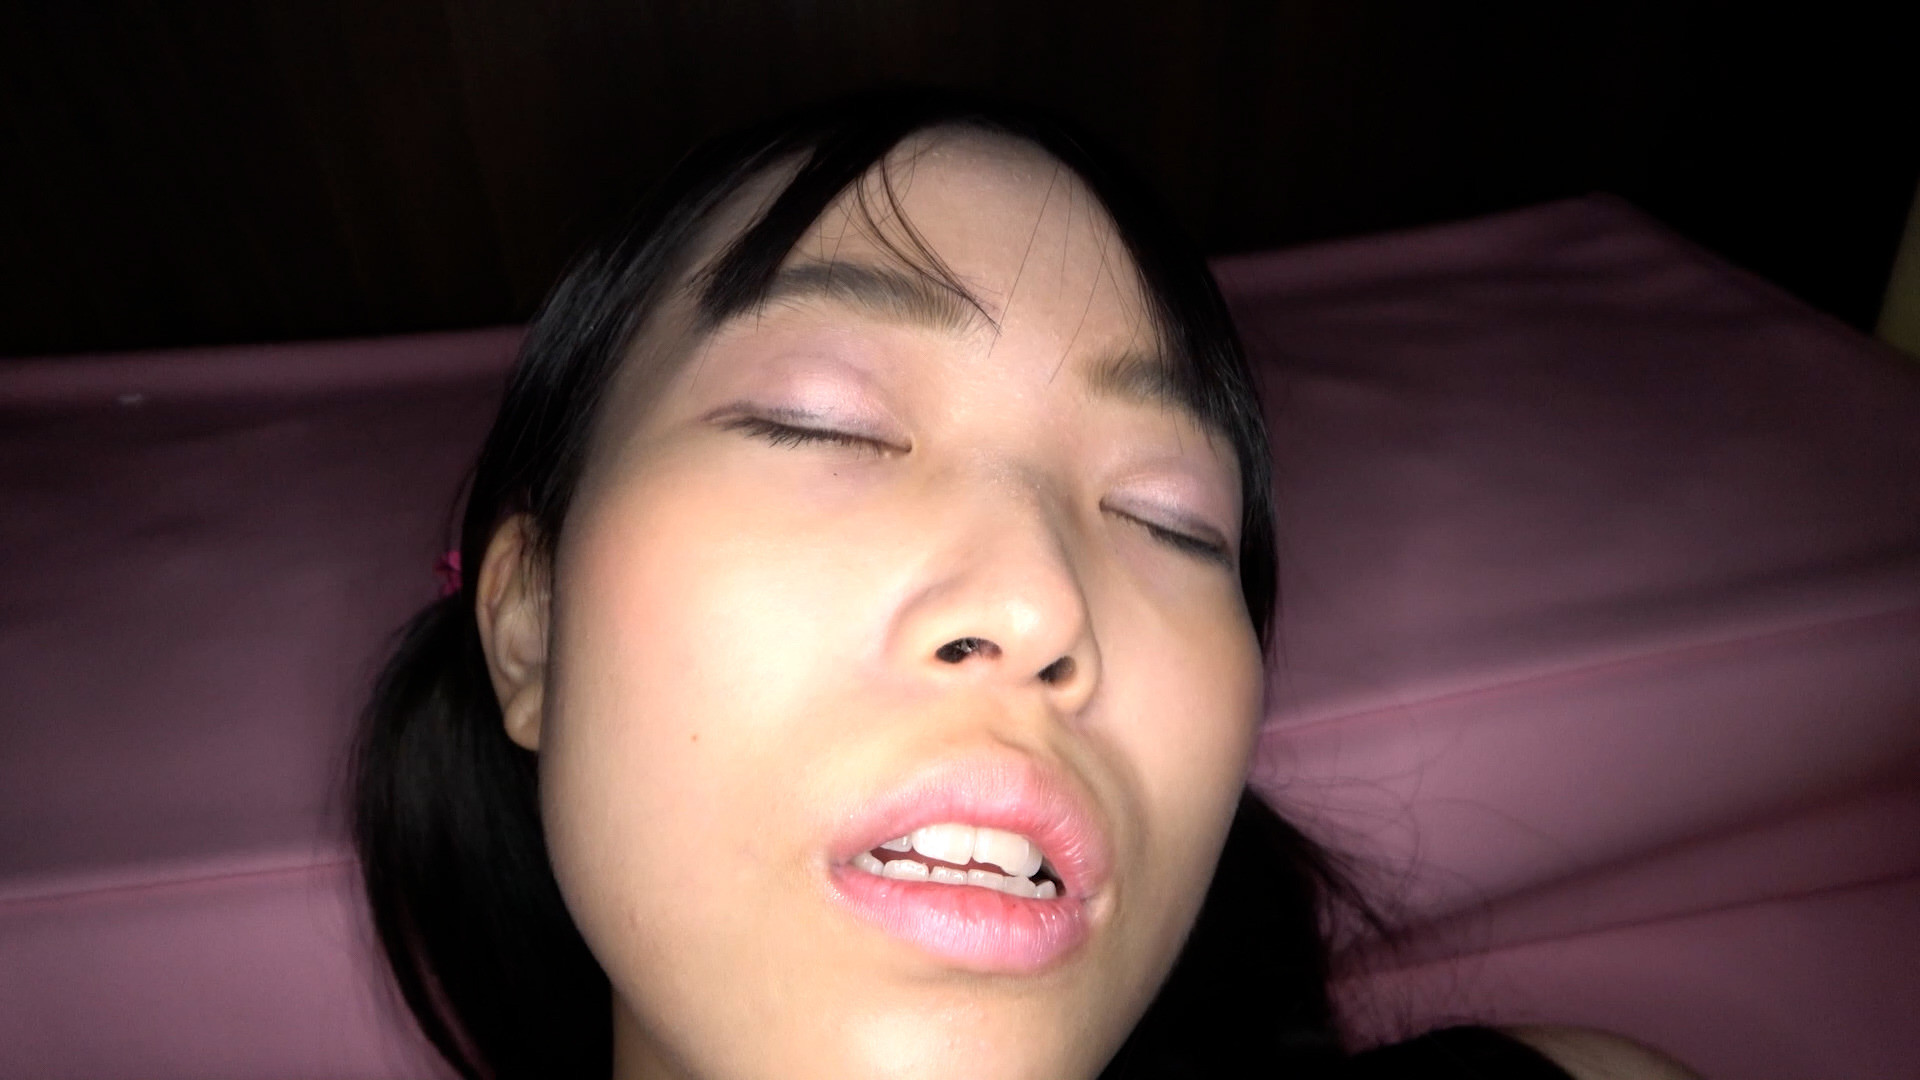 個撮睡眠姦記録 vol.4